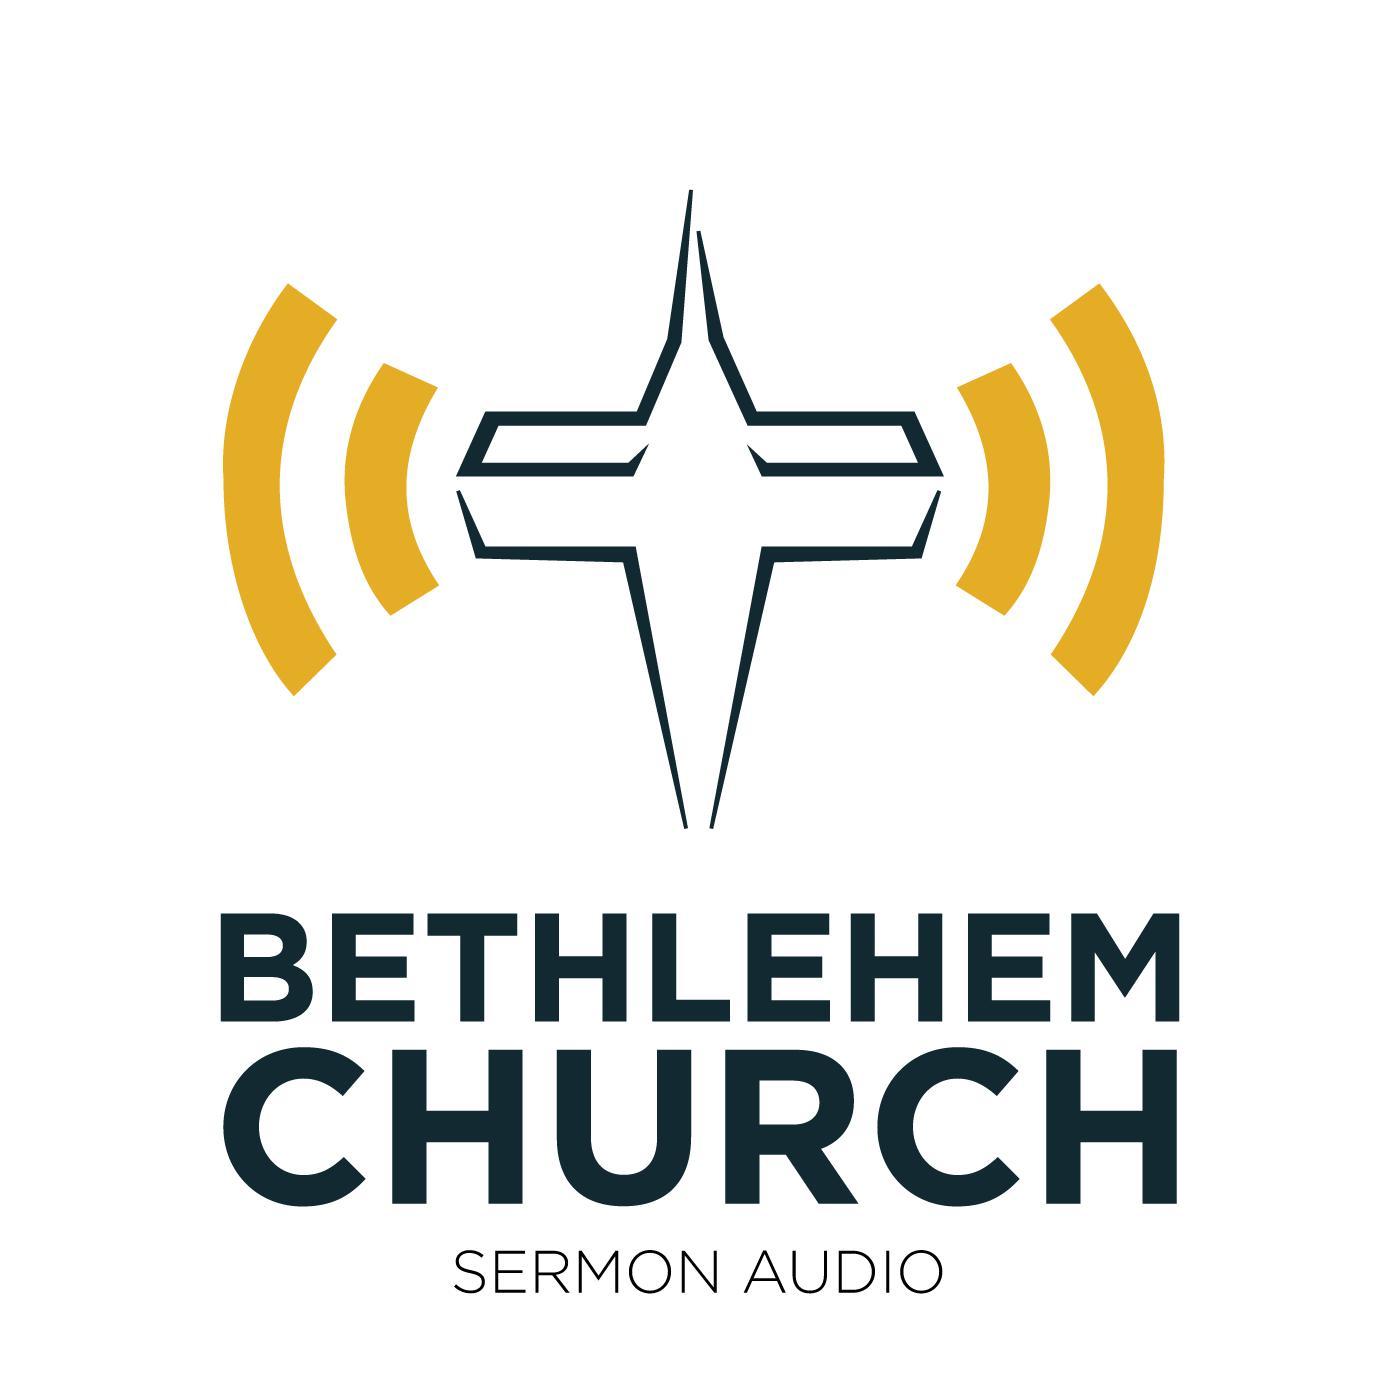 Bethlehem Church Sermons (podcast) - Bethlehem Church